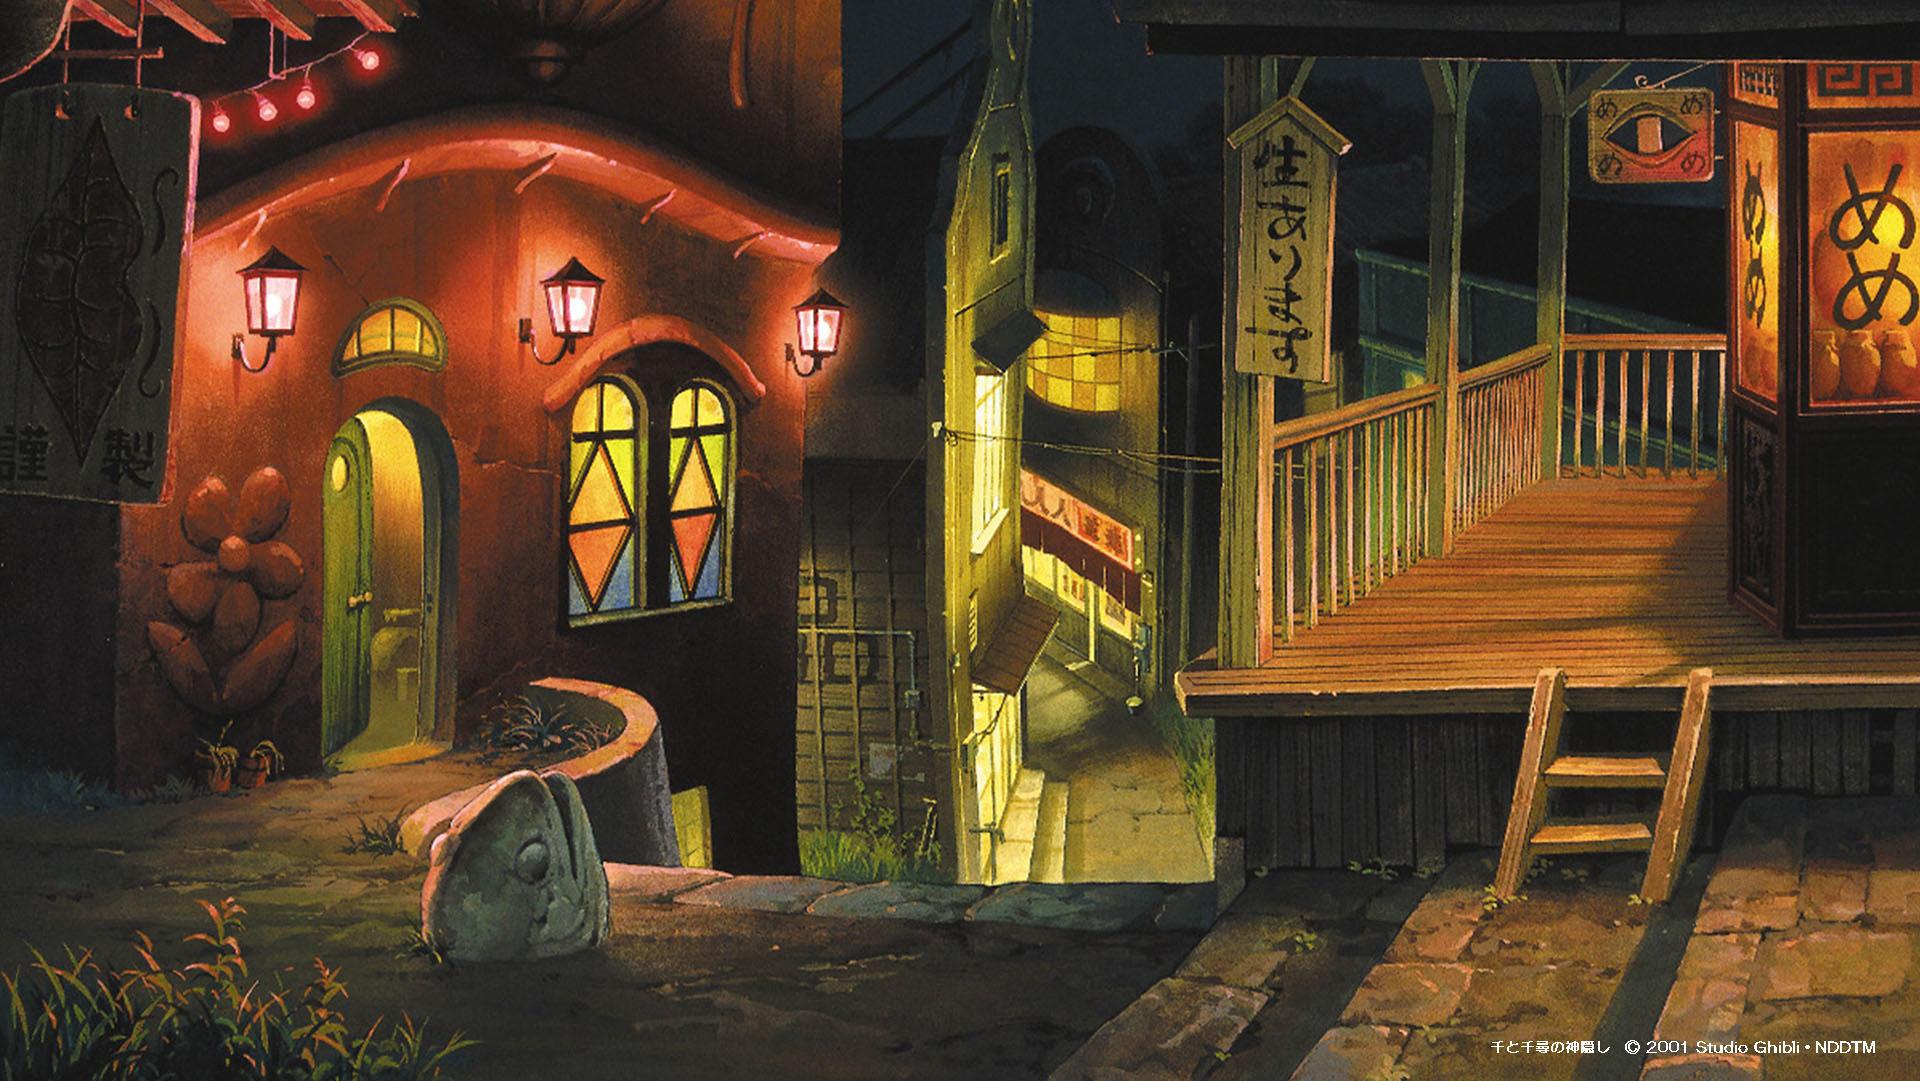 Fondos de escritorio [1]. Los Estudios Ghibli